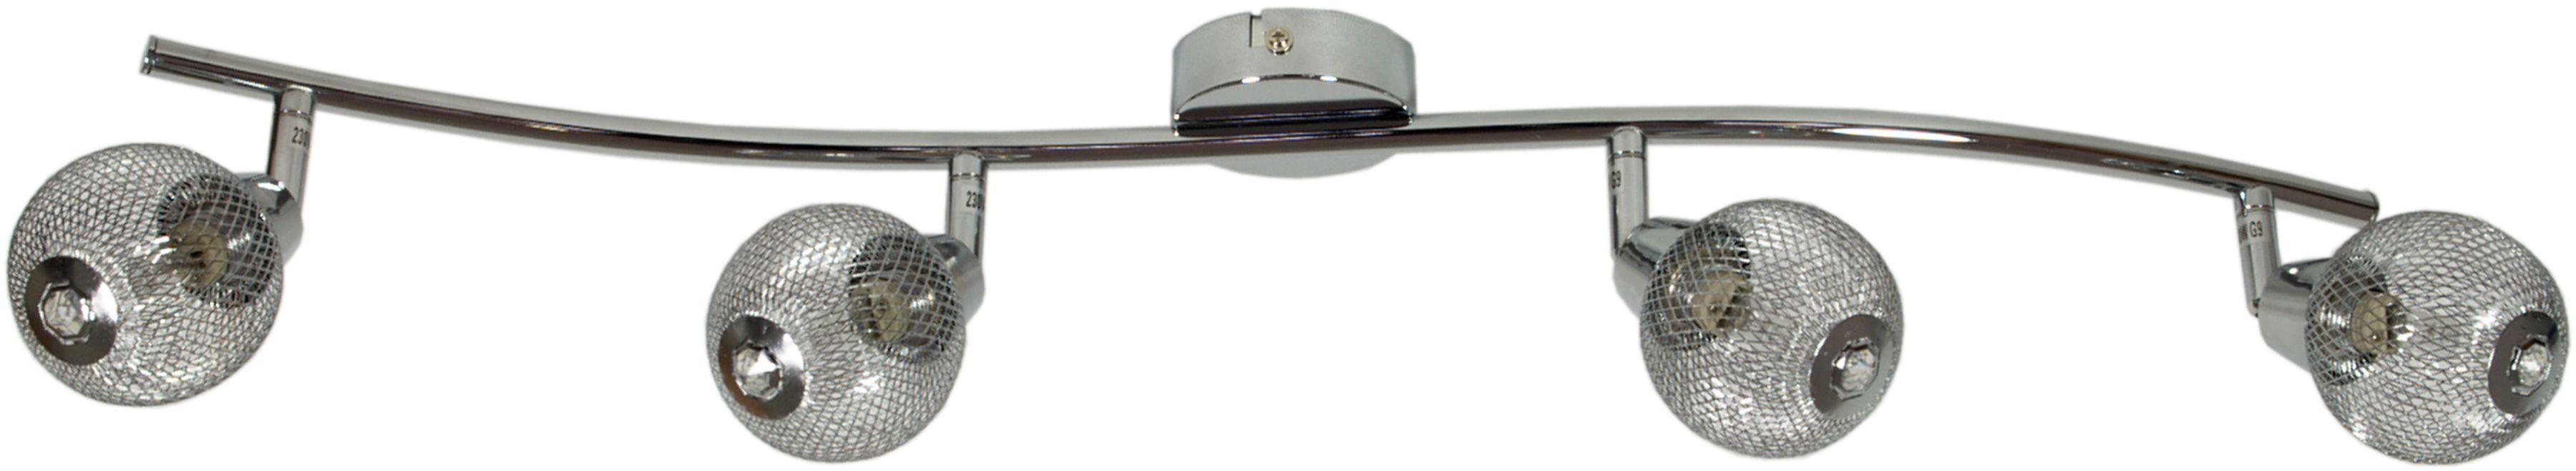 Candellux NOVEL 94-06981 listwa oświetleniowa chrom kryształ 4X40W G9 84cm